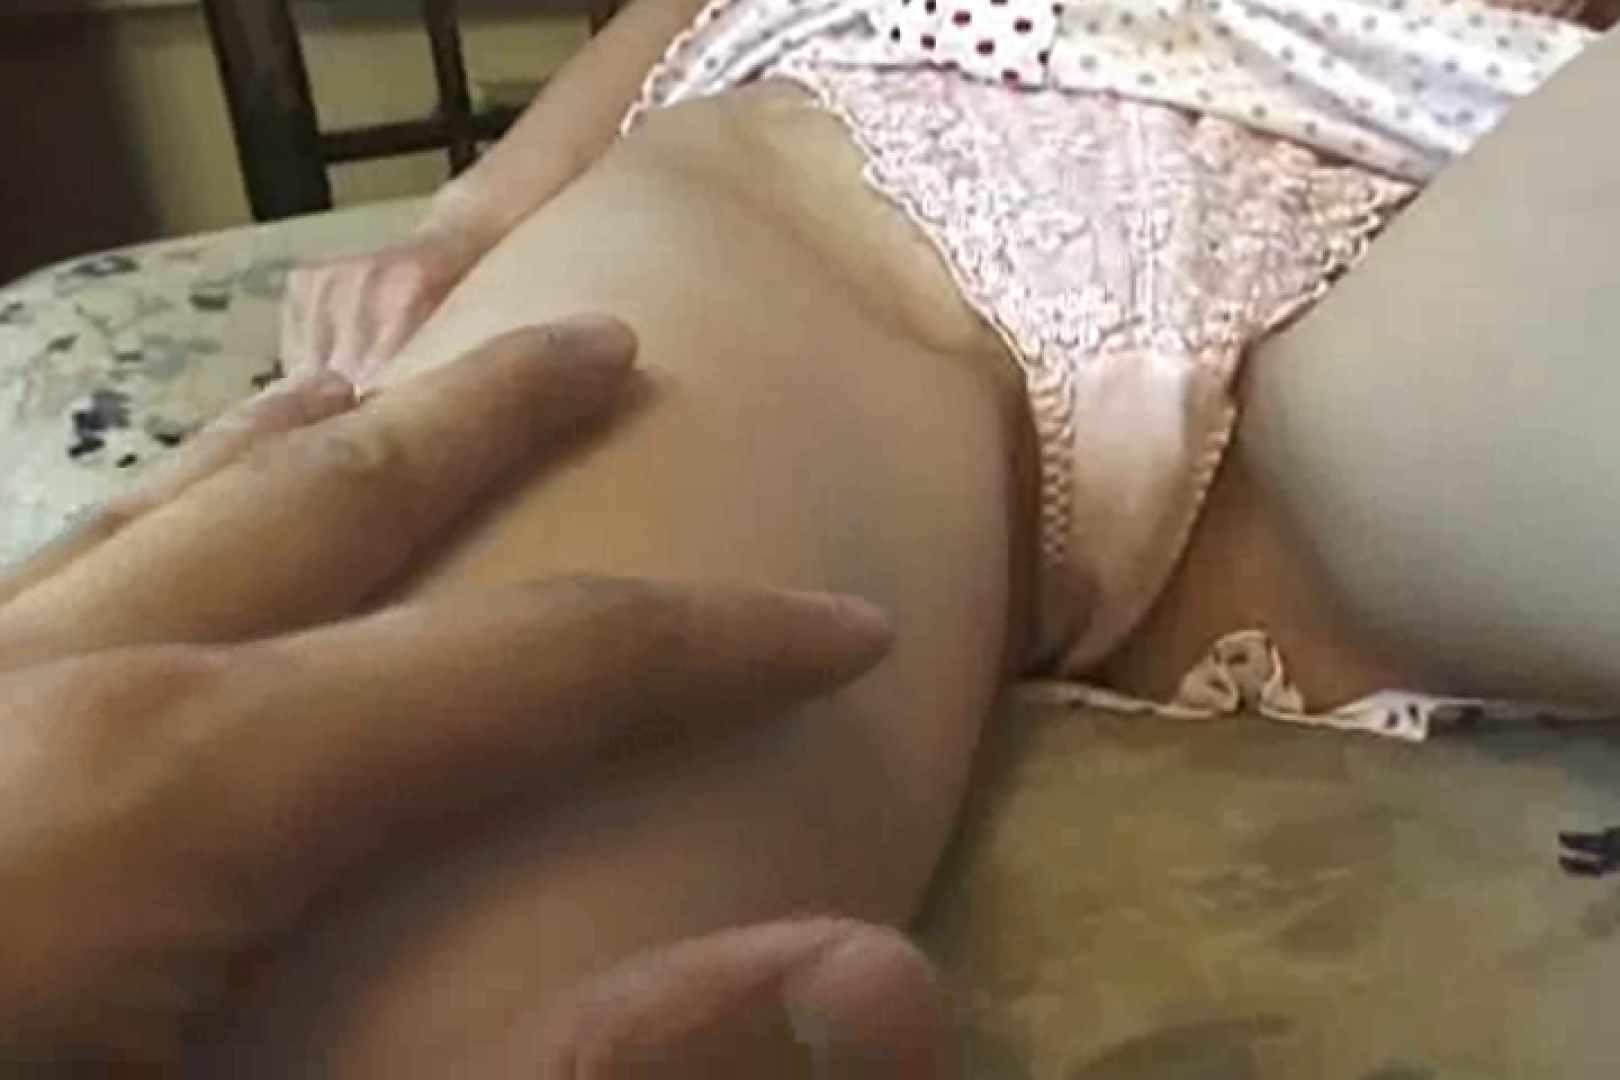 仁義なきキンタマ 伊藤孝一のアルバム 流出作品  78枚 54